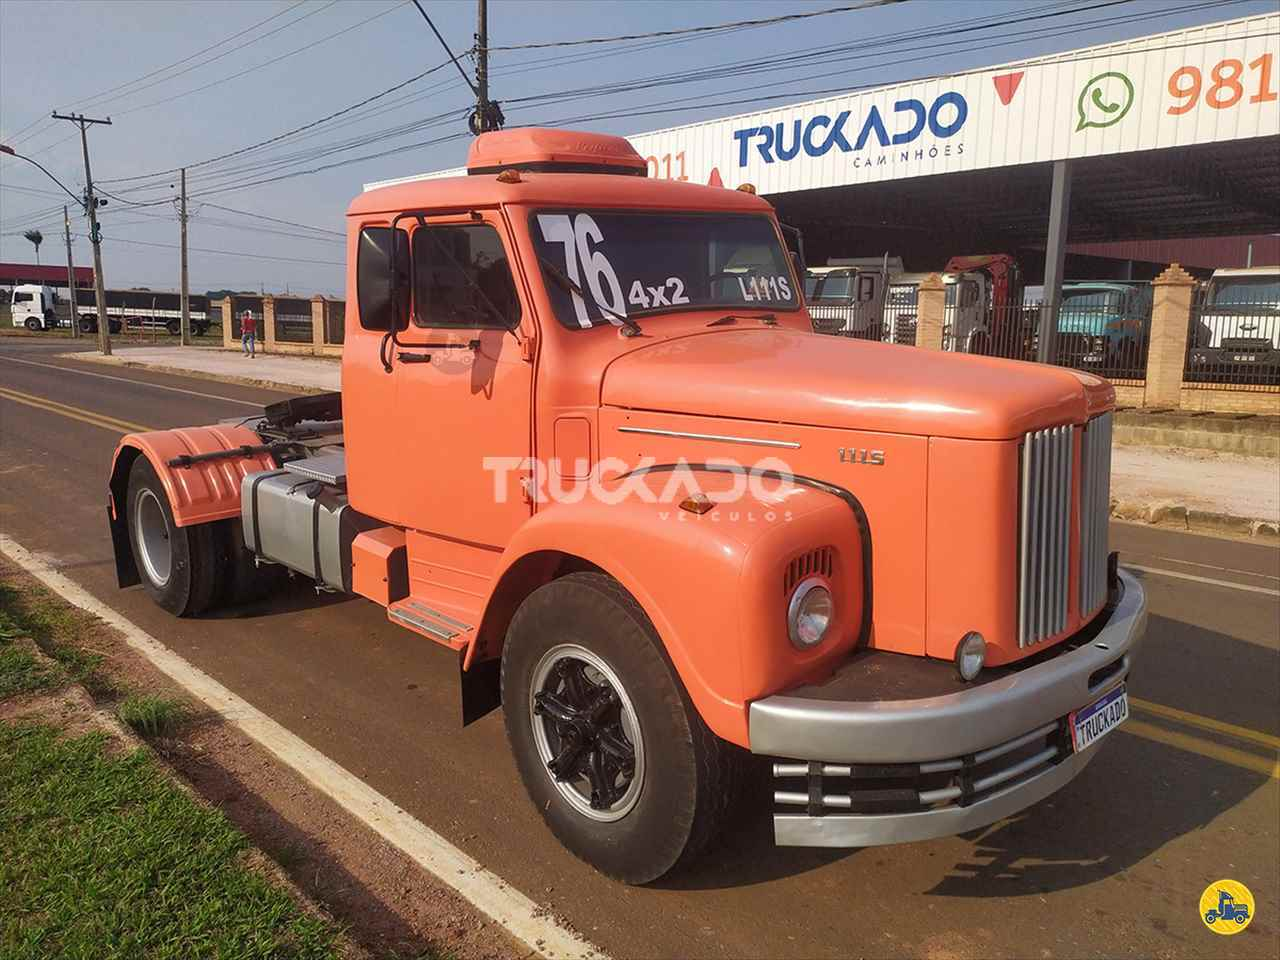 CAMINHAO SCANIA SCANIA 111 Chassis Toco 4x2 Truckado Veículos SINOP MATO GROSSO MT